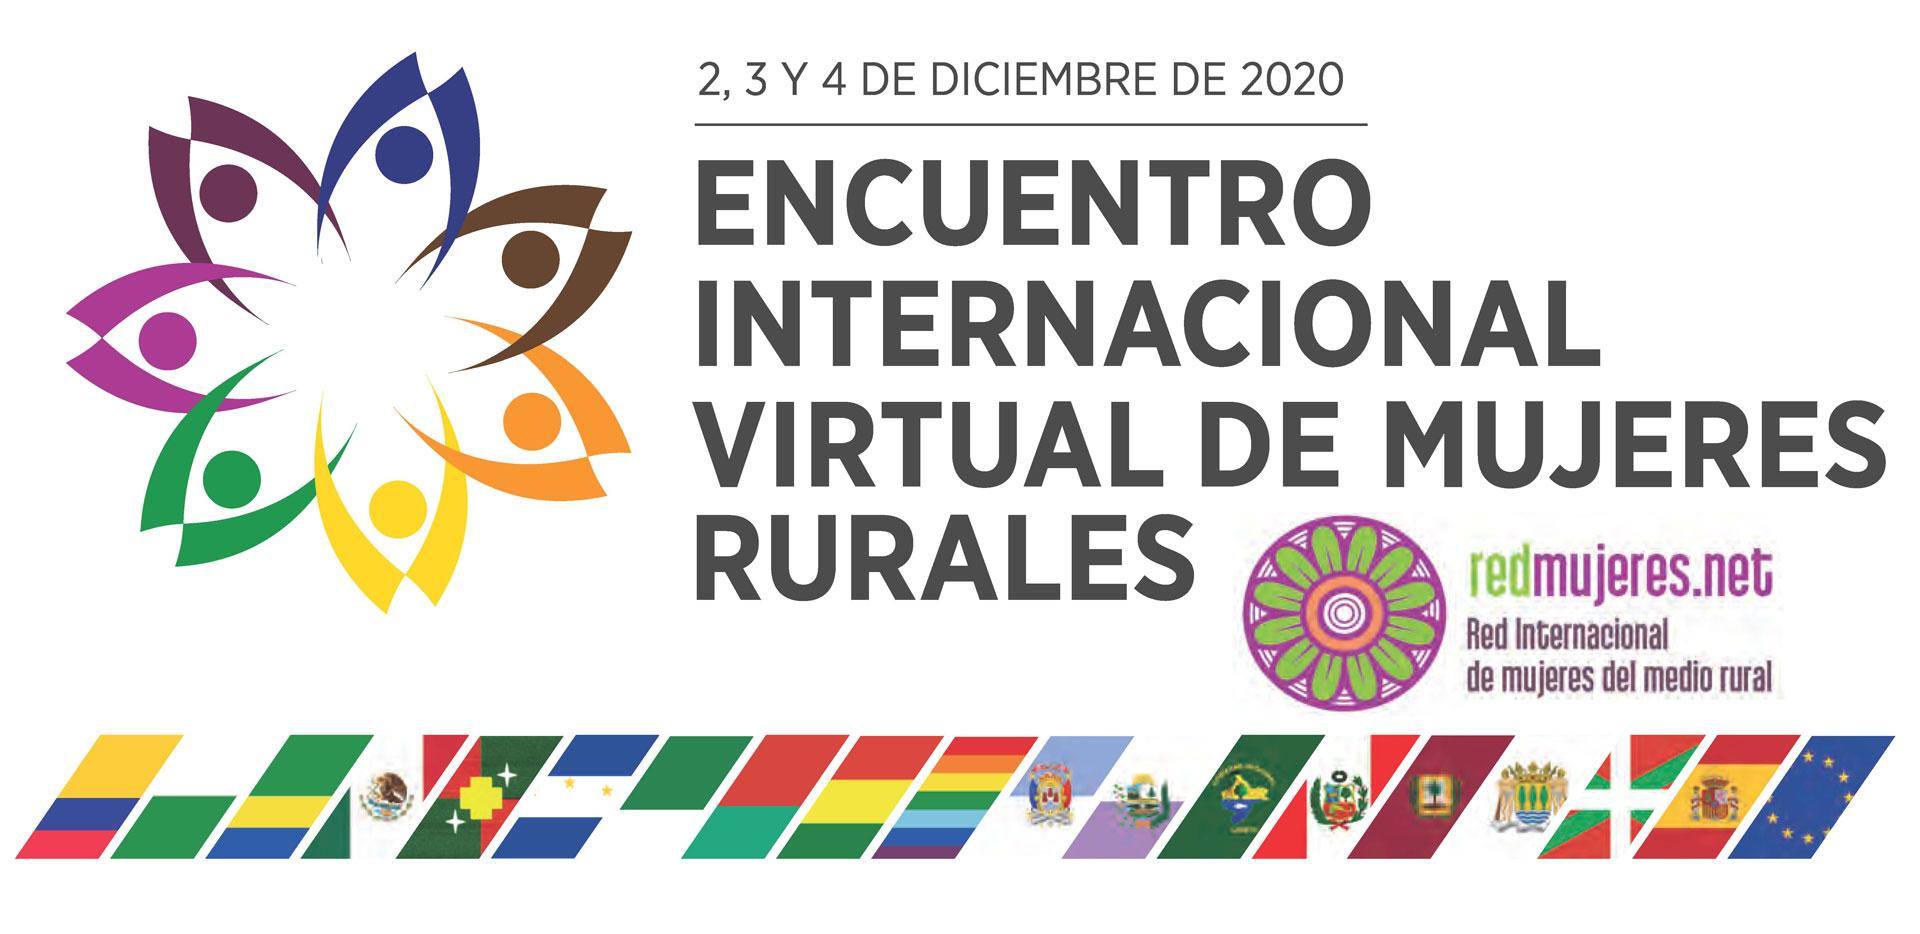 encuentro-internacional-virtual-mujeres-rurales-portada